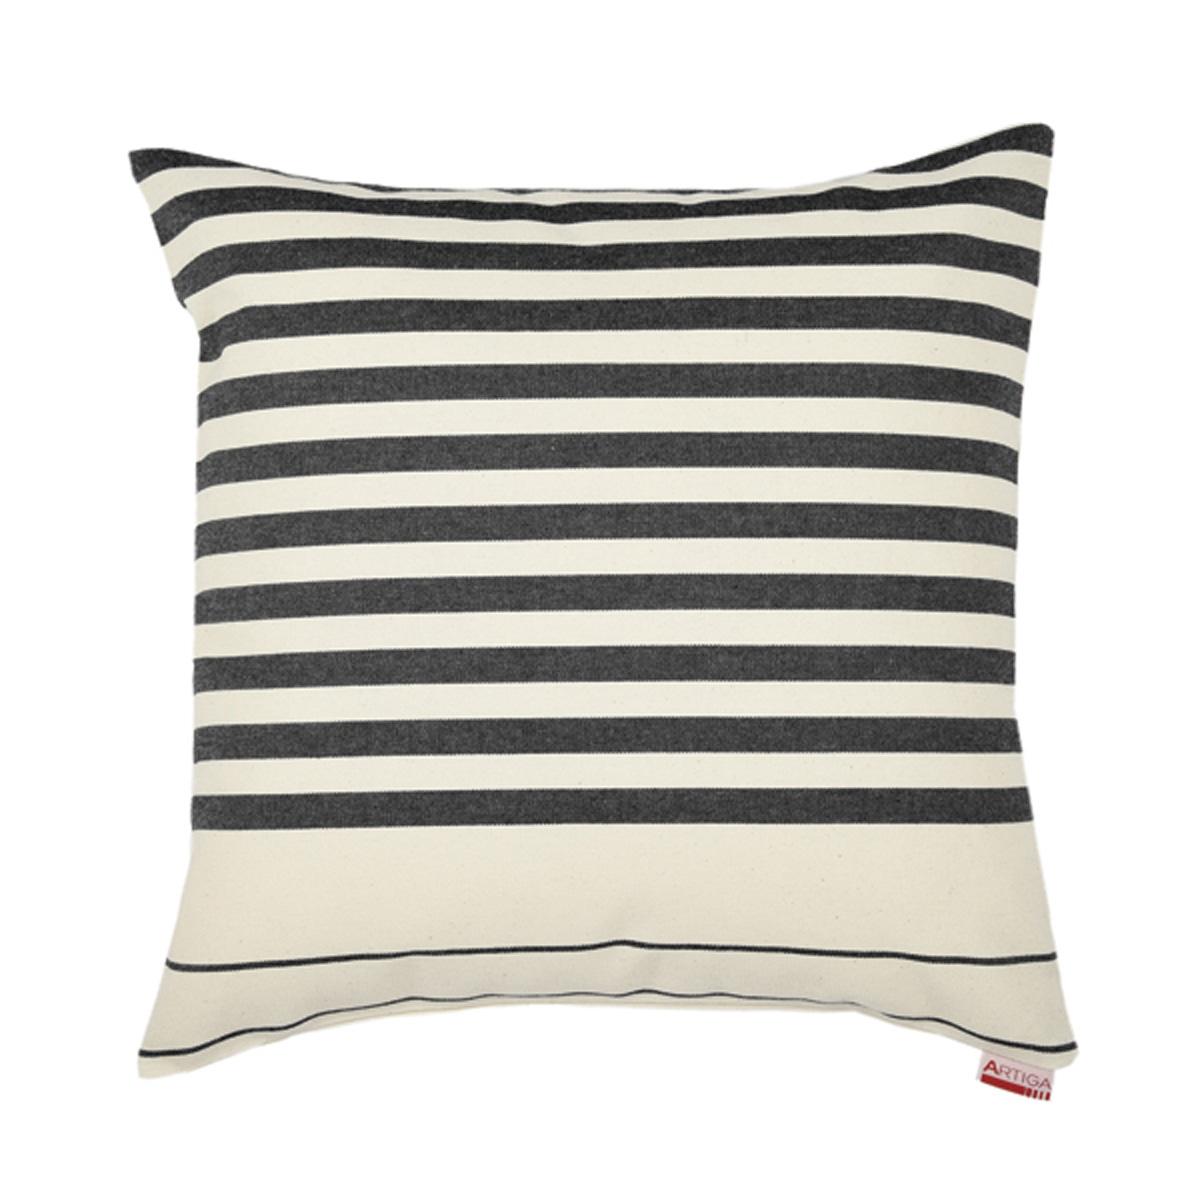 Coussin carré en coton ecru noir 40x40 cm